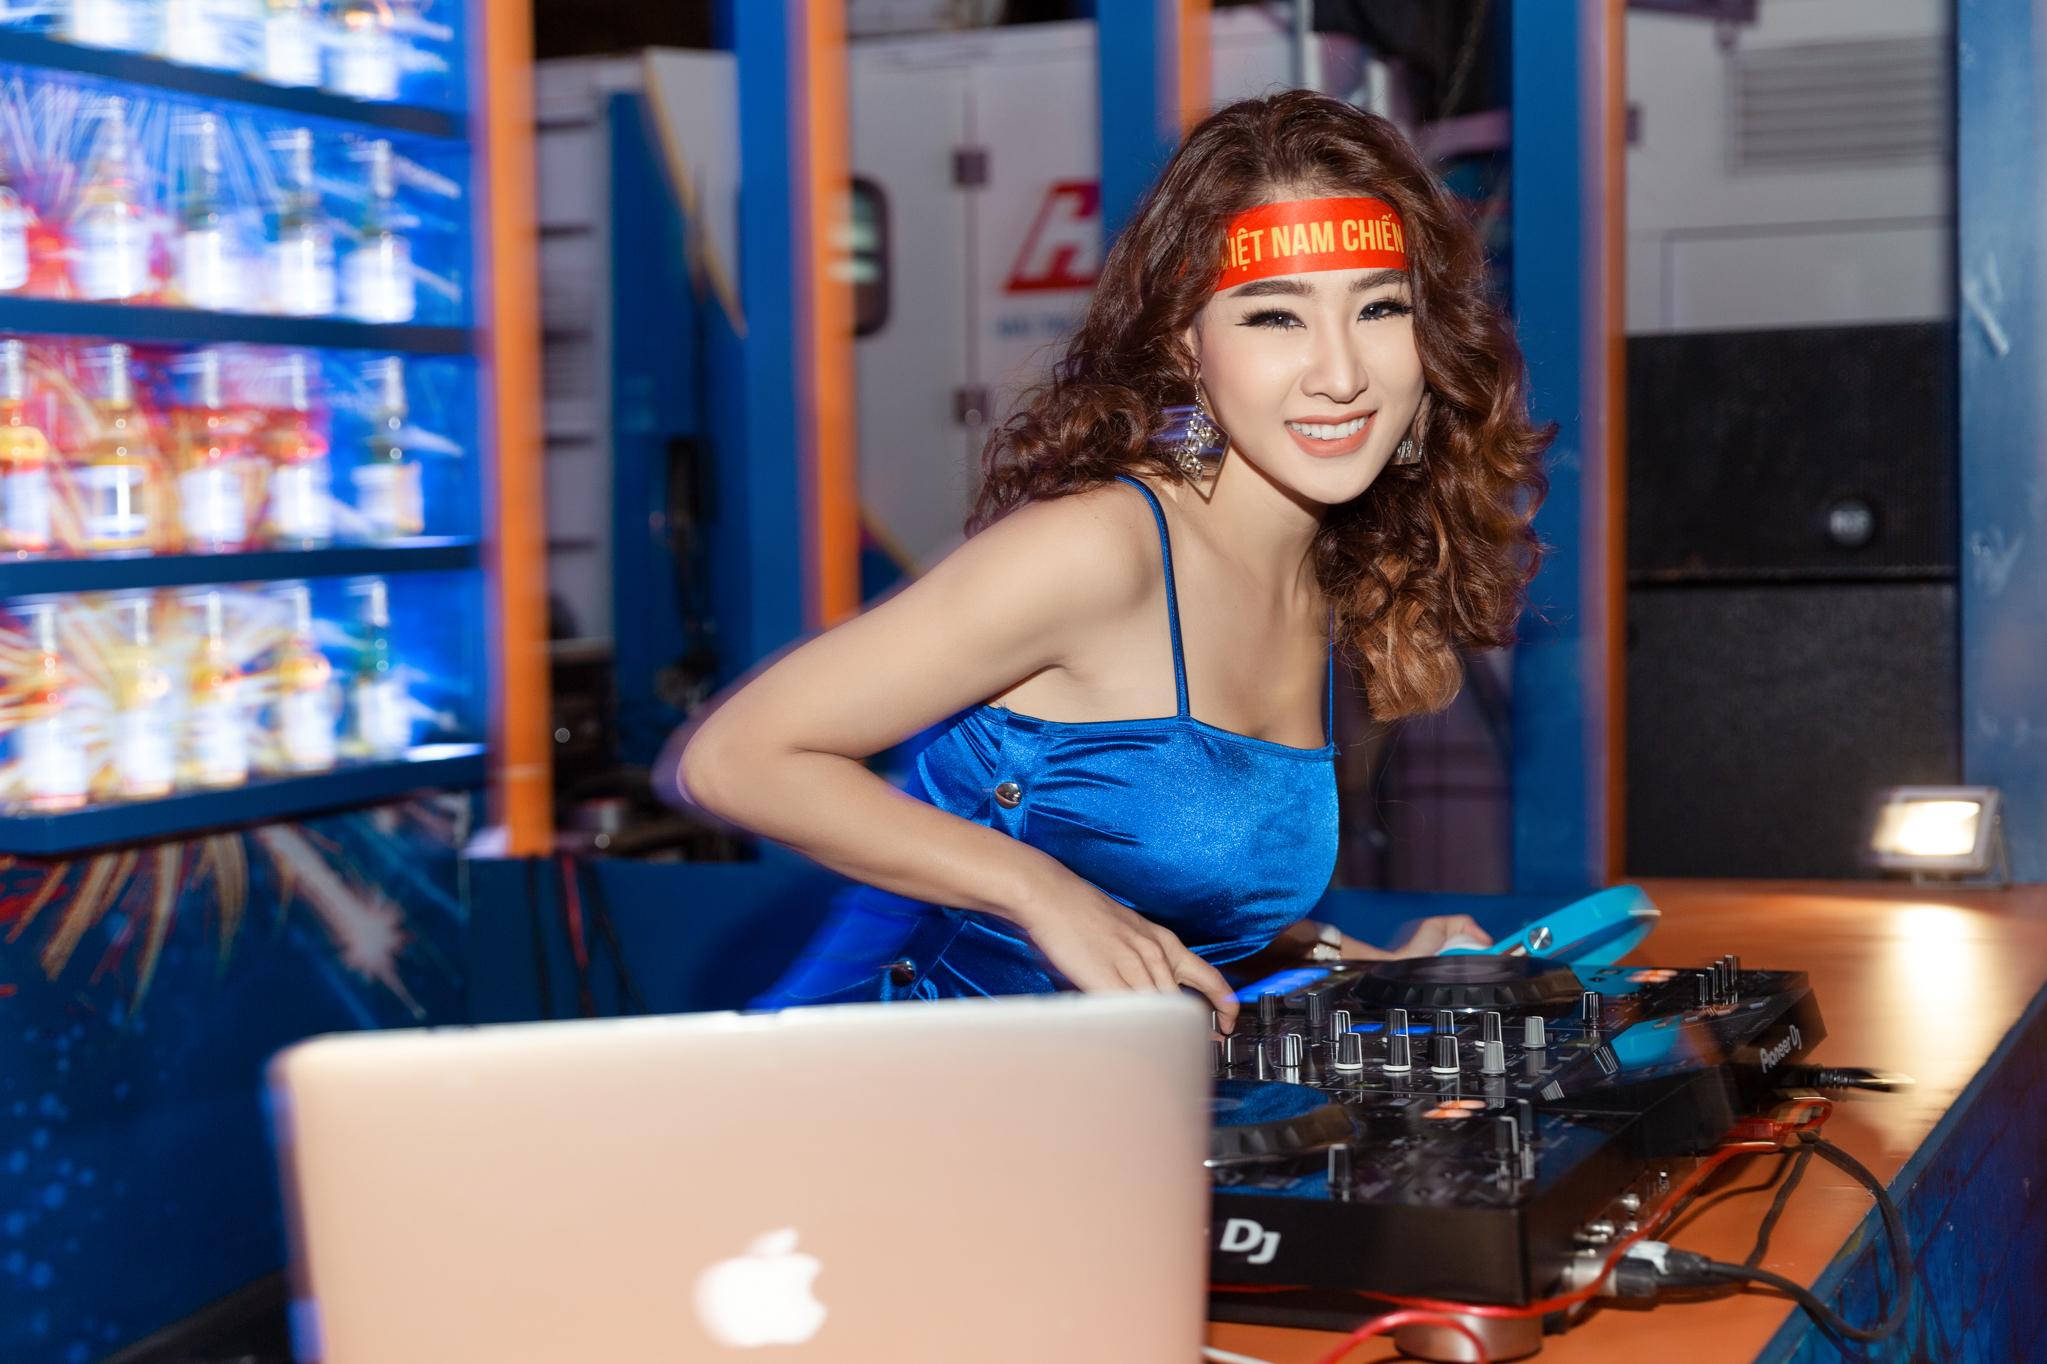 """DJ """"gợi cảm nhất châu Á"""" công khai bày tỏ tình yêu với Tiến Linh - 1"""